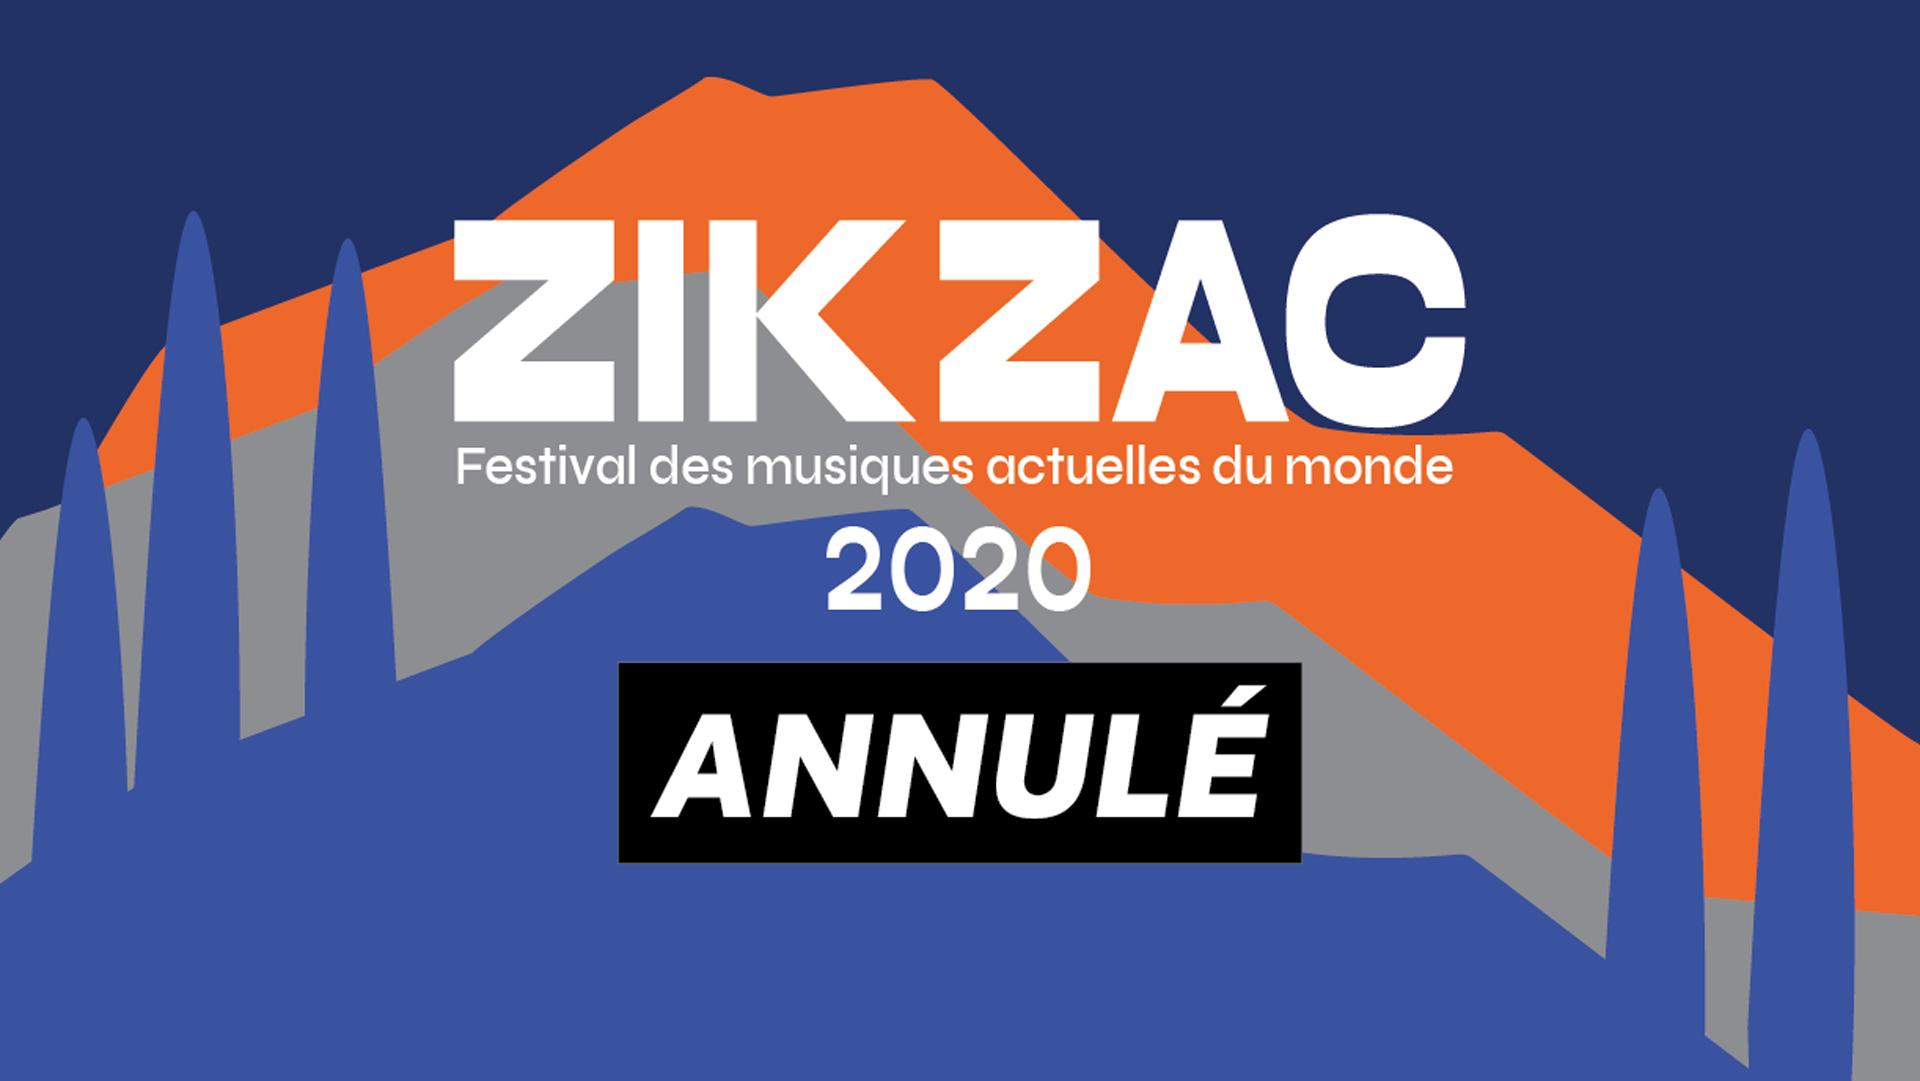 zikzac-banner